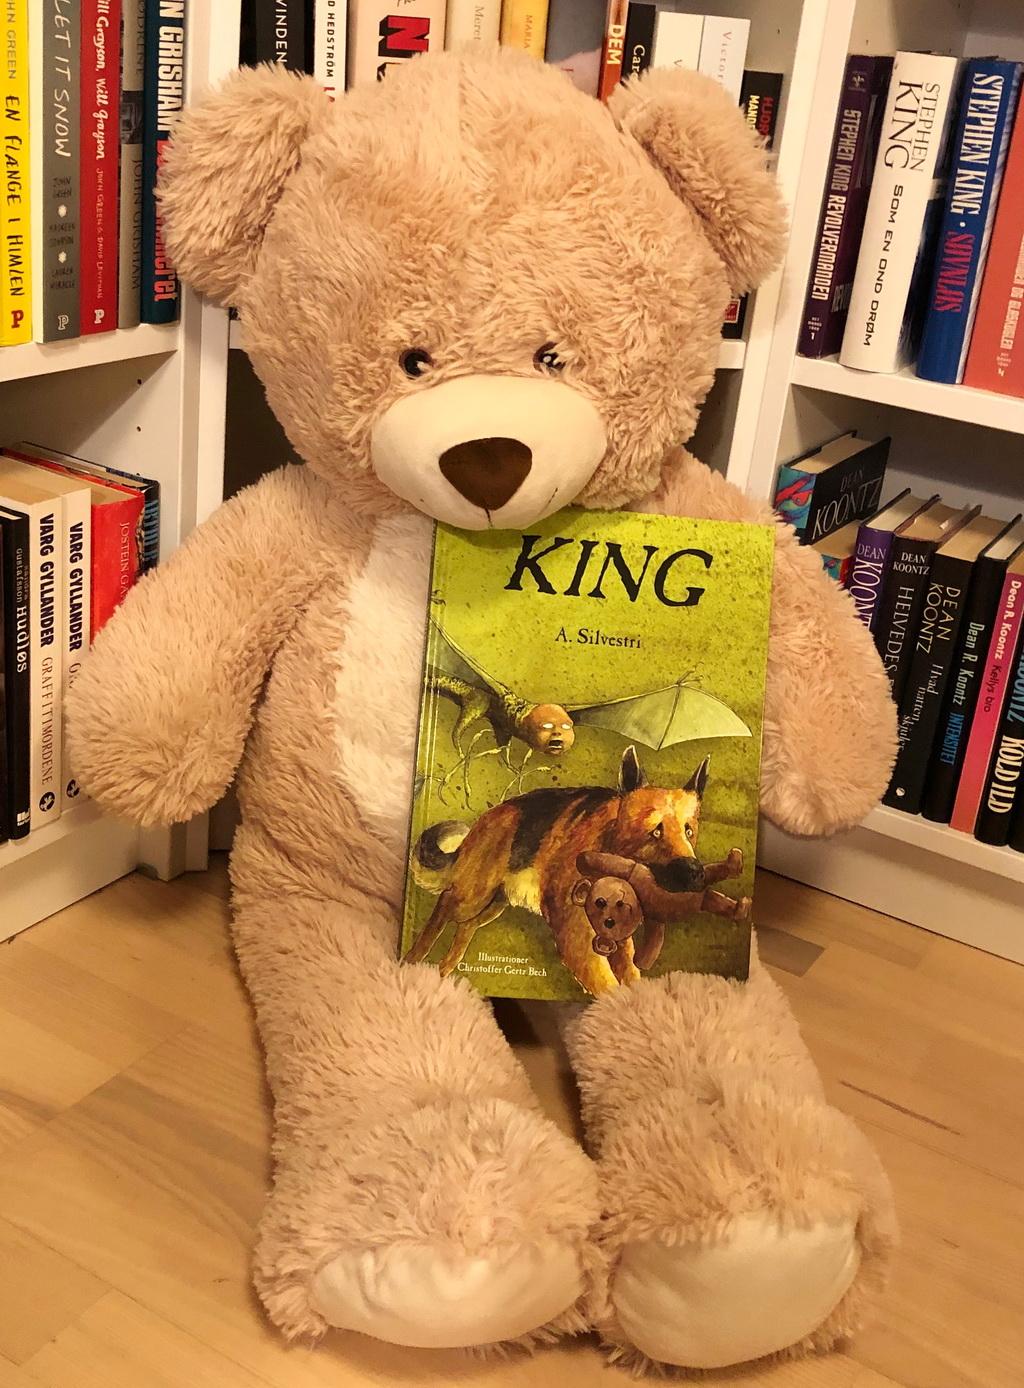 """King af A. Silvestri - Ja, jeg ved det godt - billedet er alt for """"sødt""""."""